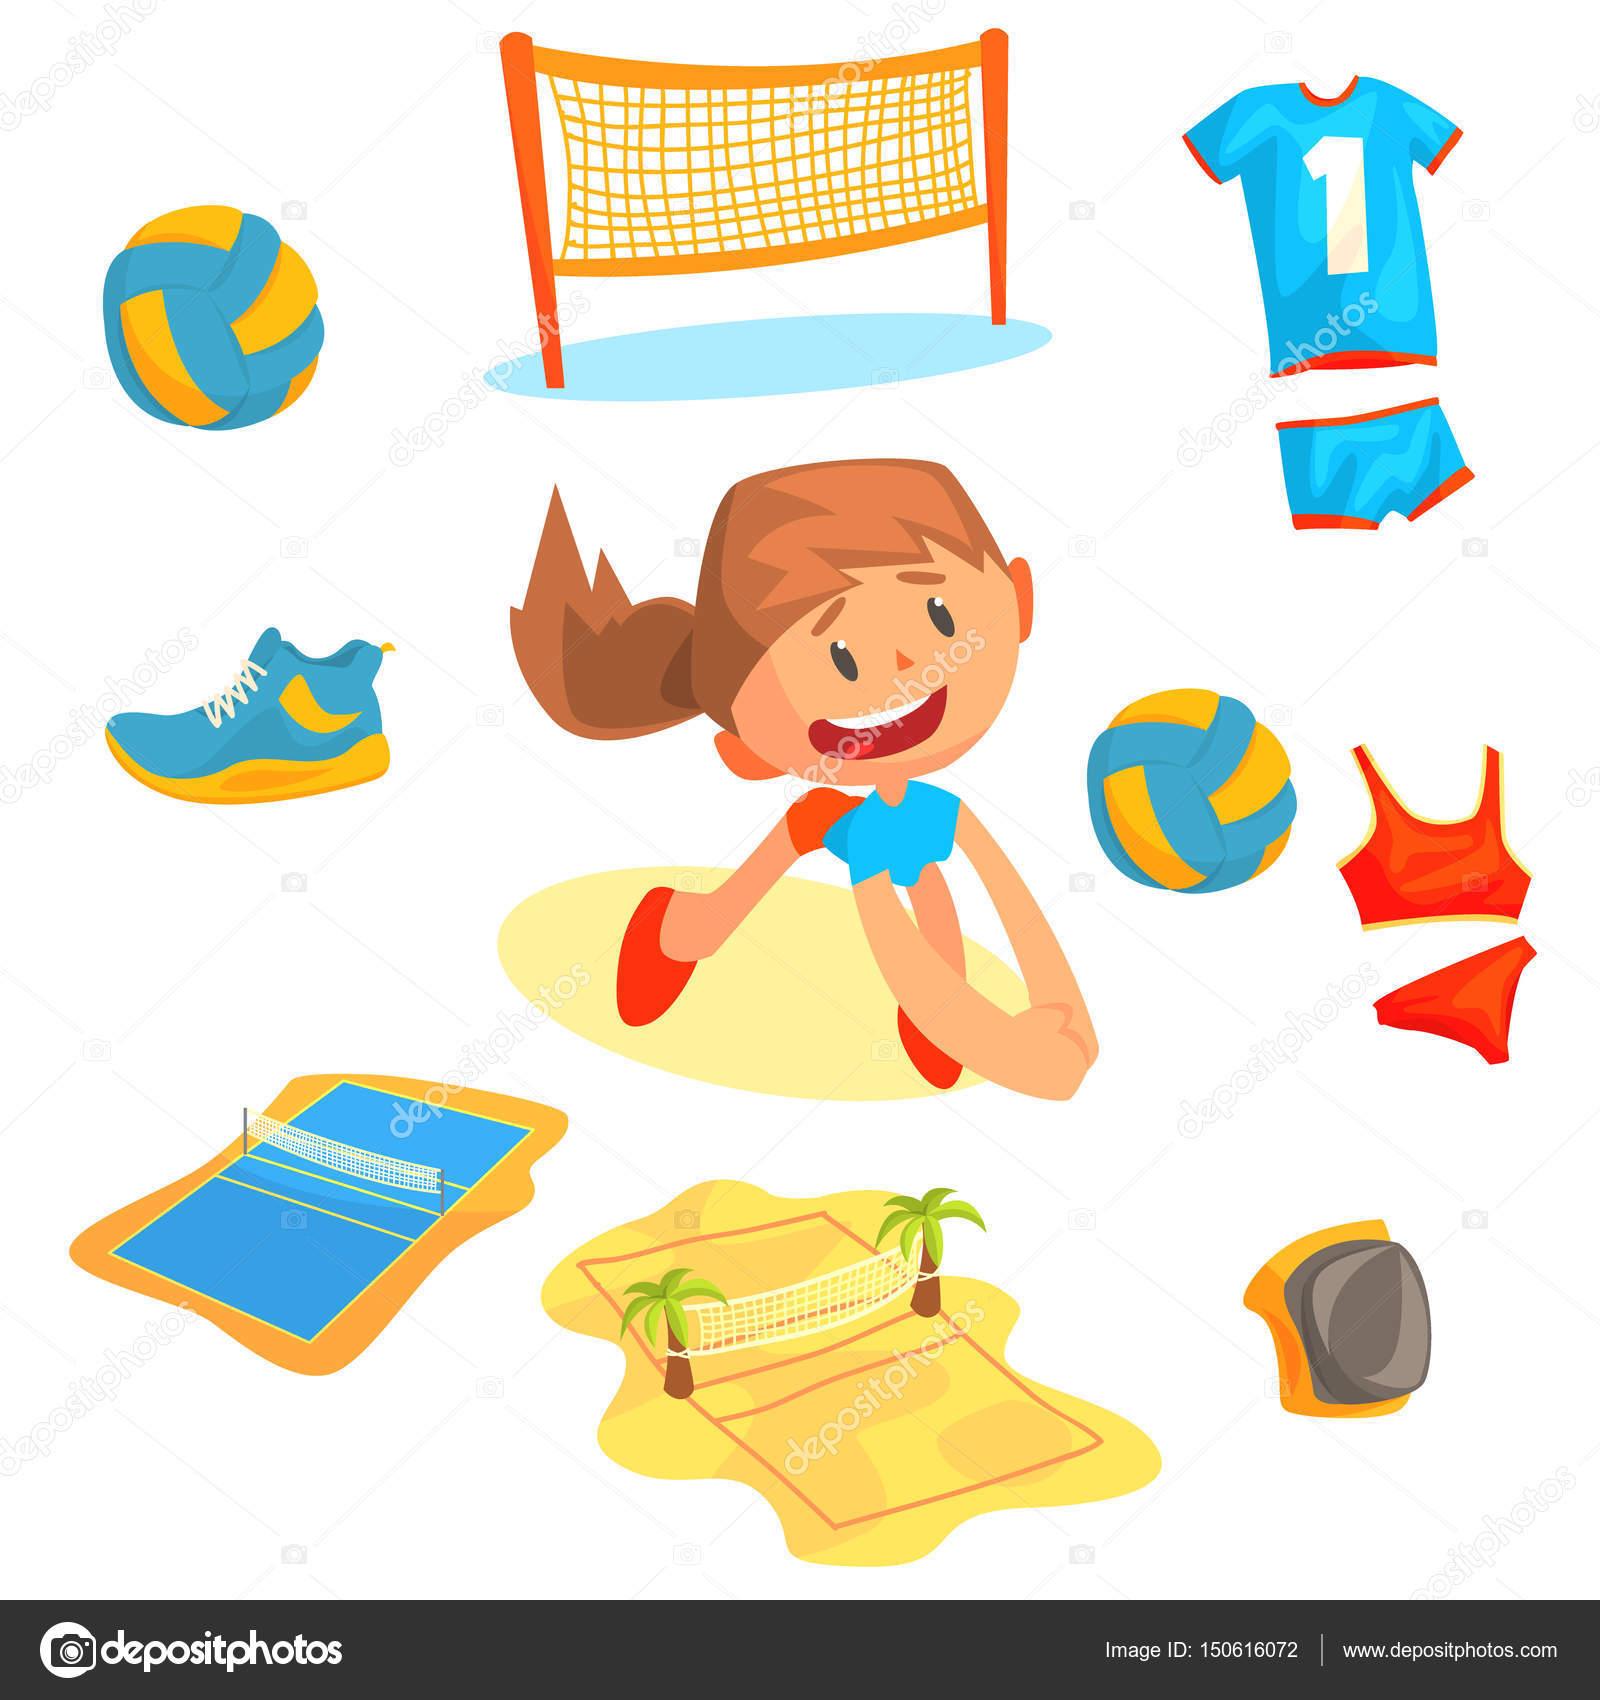 35bfe1afb8d77d Спортивний інвентар для волейболу. Мультфільм детальне ілюстрацій– стокова  ілюстрація. Дівчина, Граючий з м'ячем в пляжний волейбол, набір ...